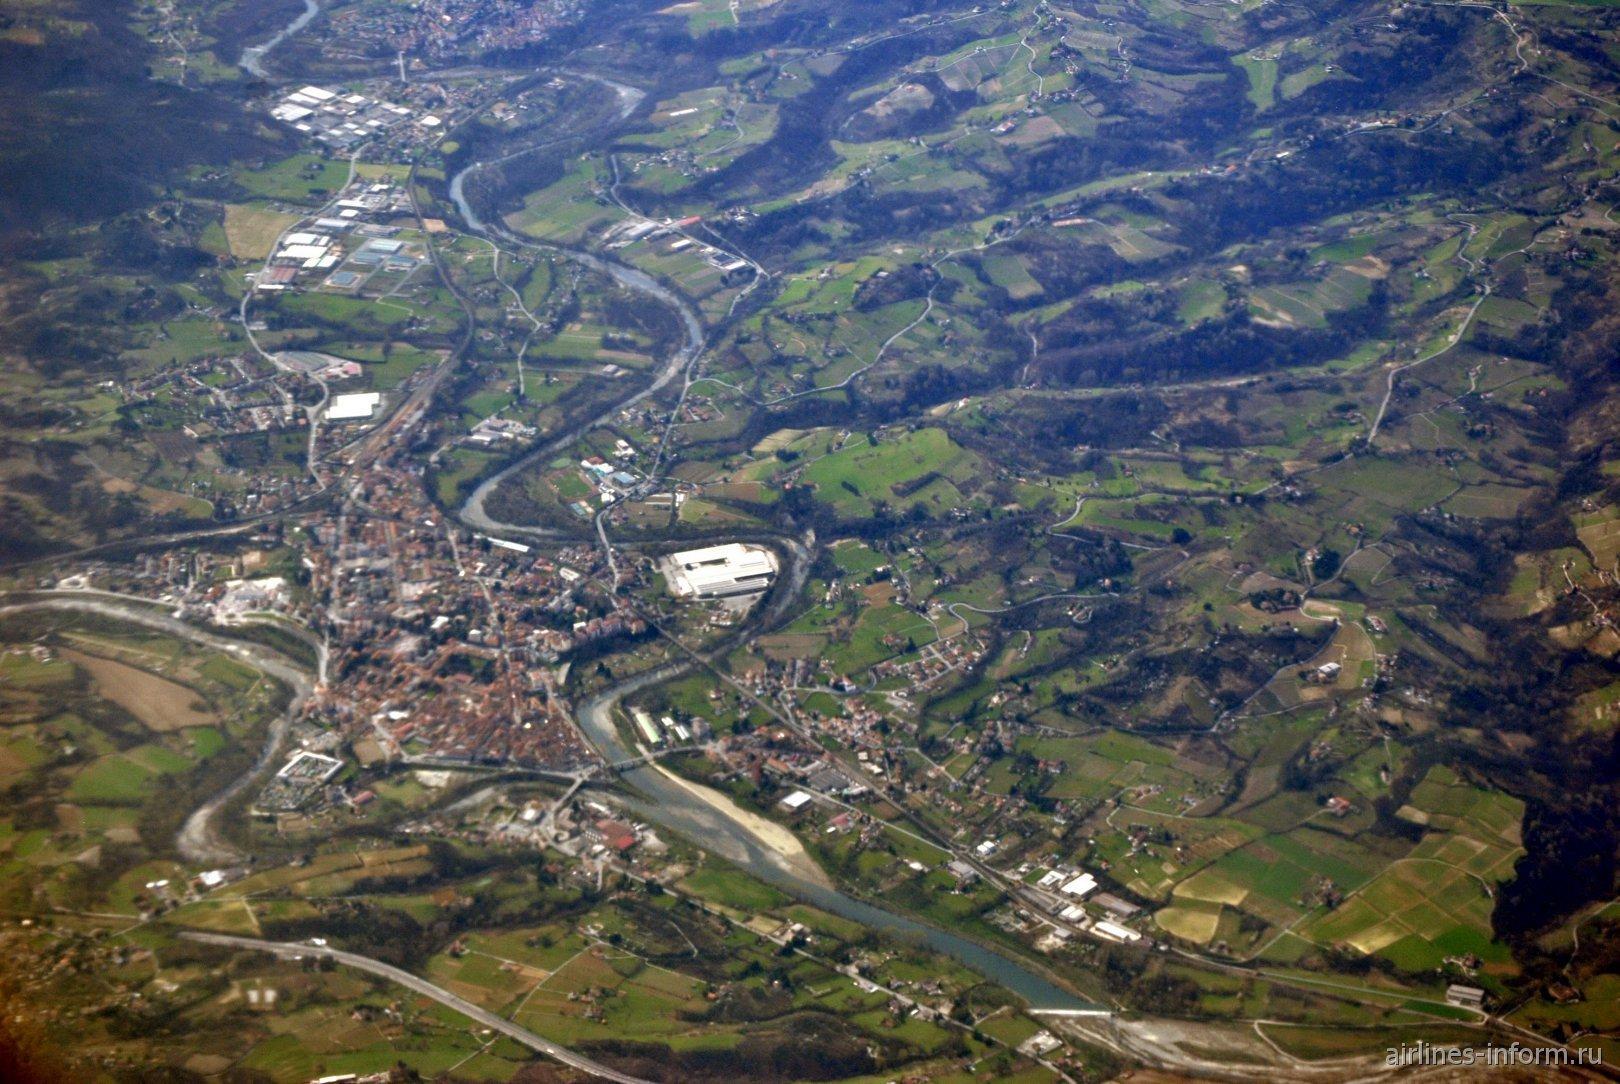 Городок Ovada на реке Torrente Orba на севере Италии